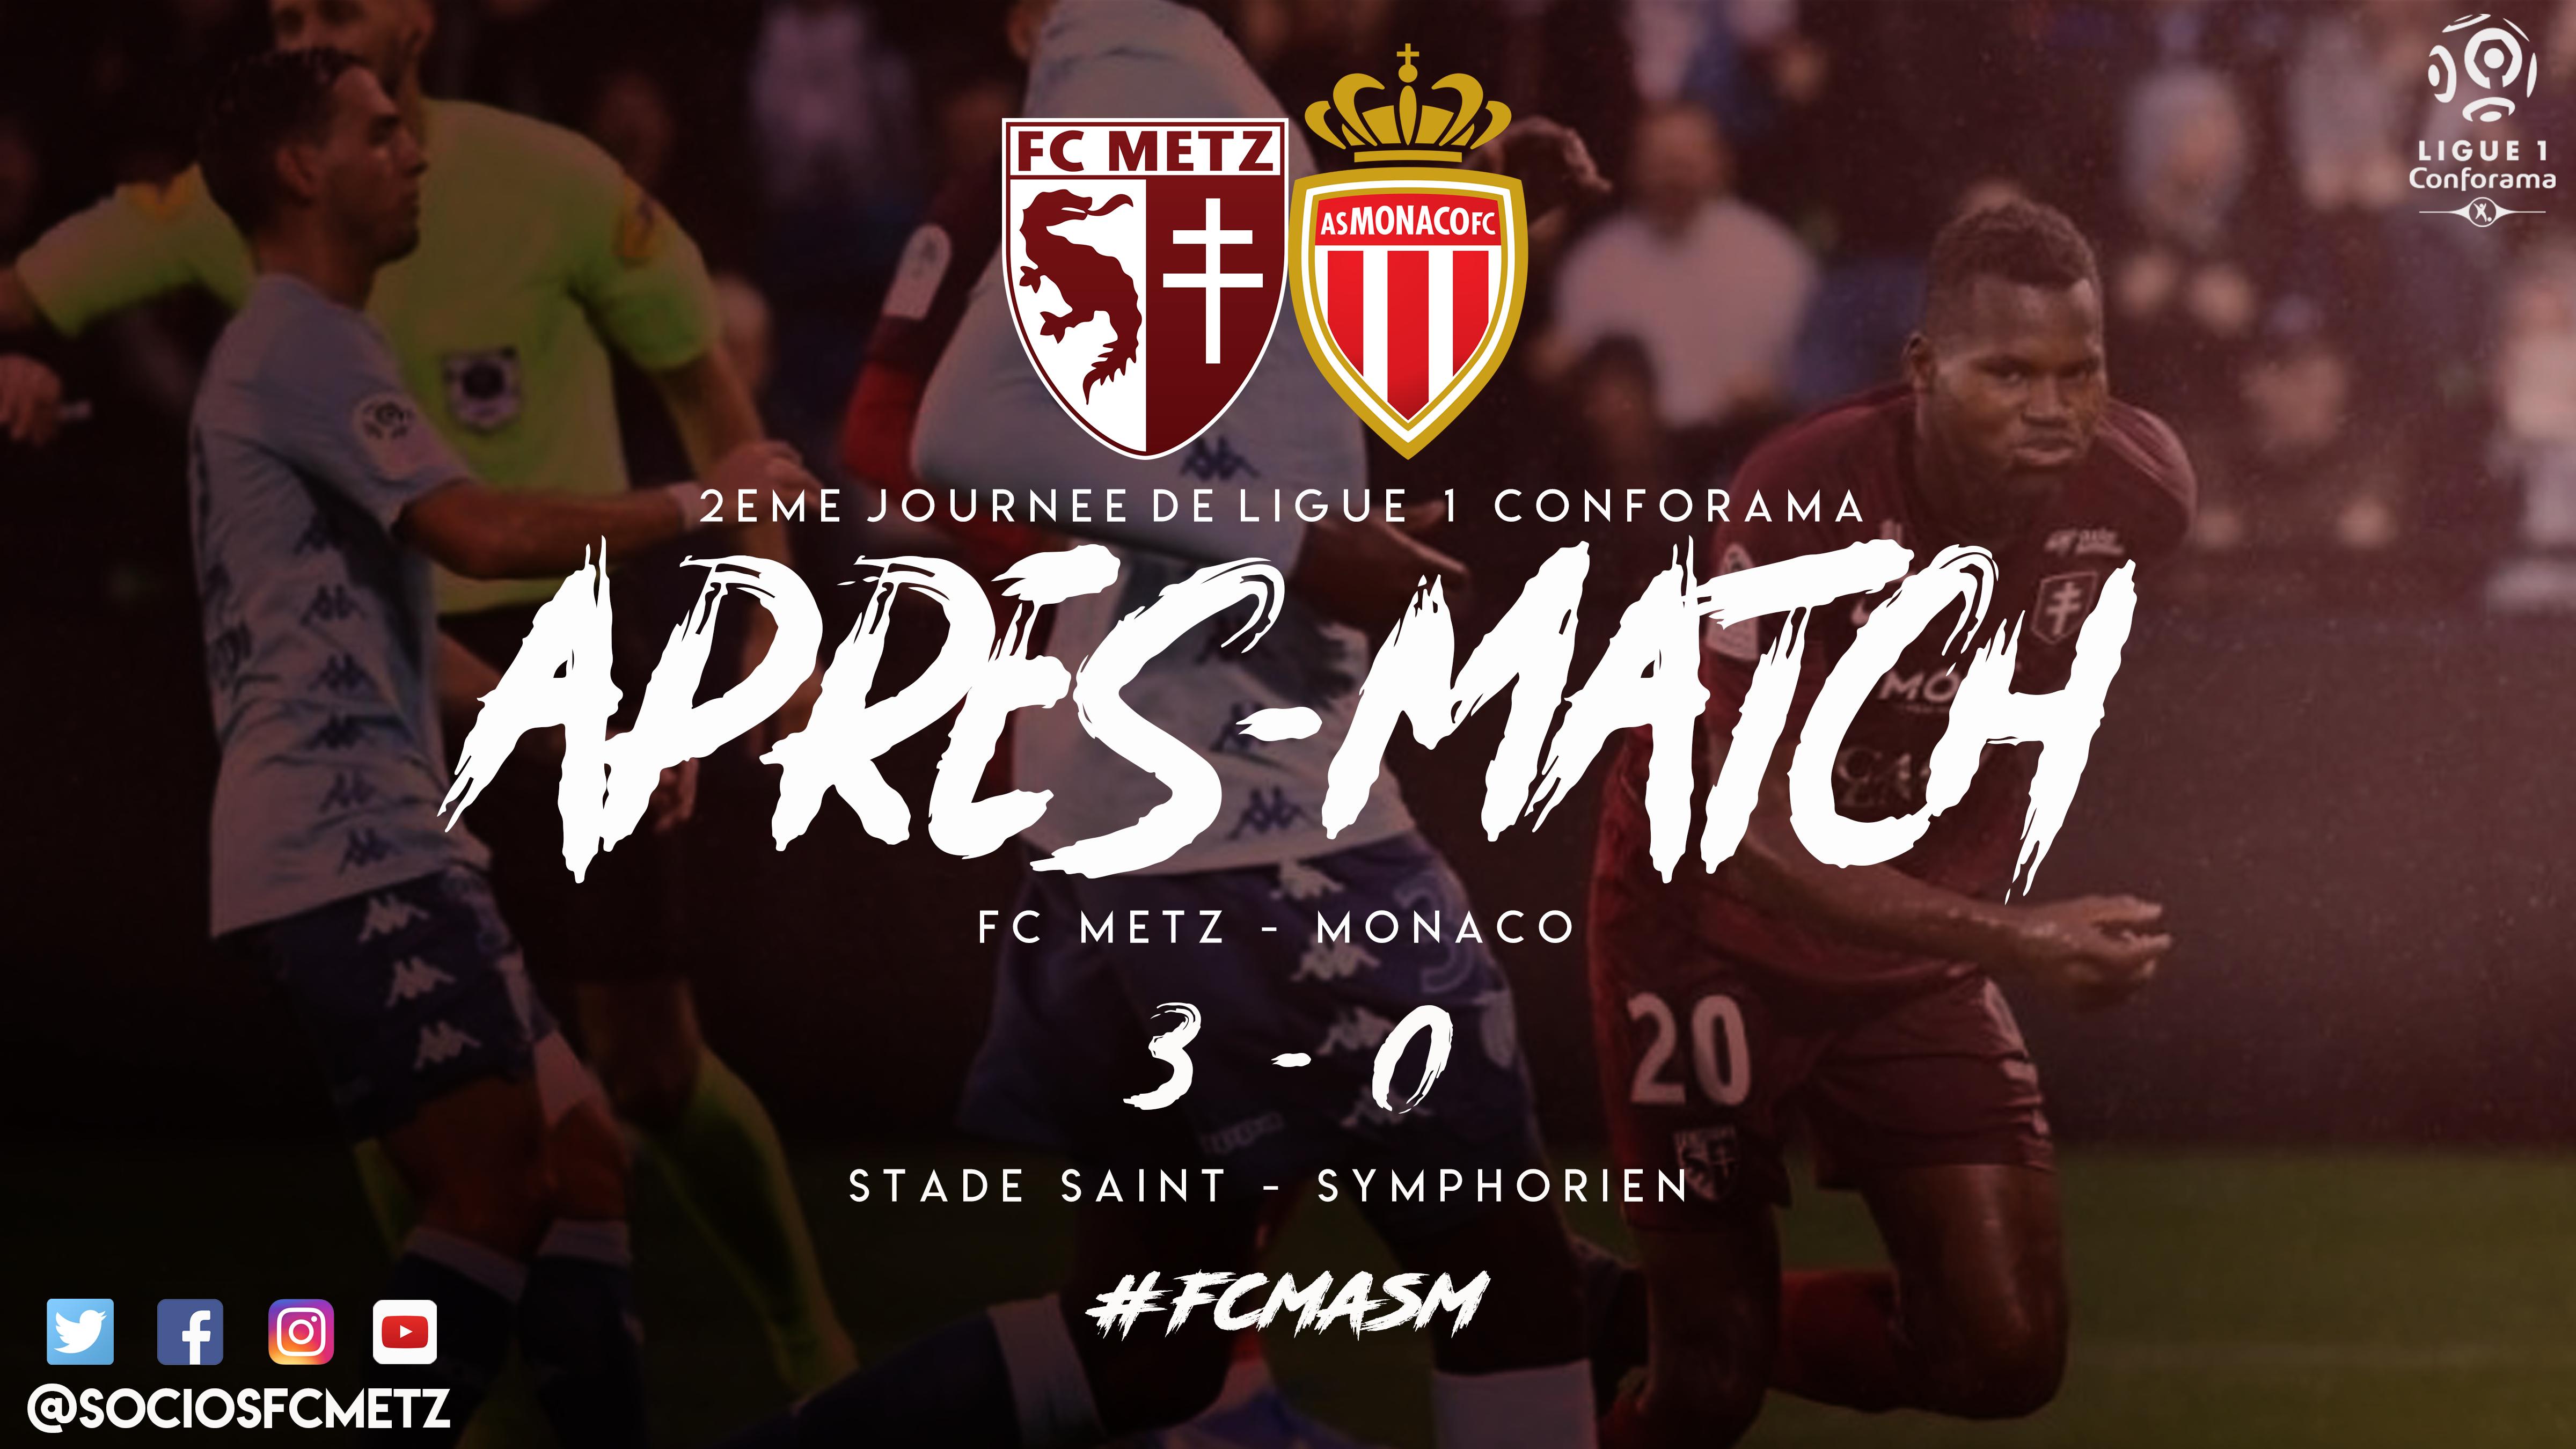 Apres match FC Metz Monaco